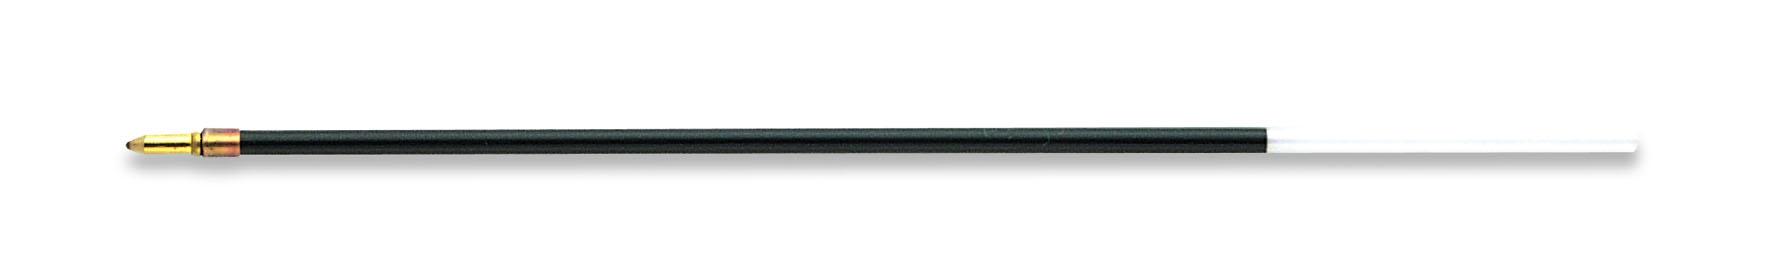 Стержень шариковый CORVINA 1мм 152мм синий